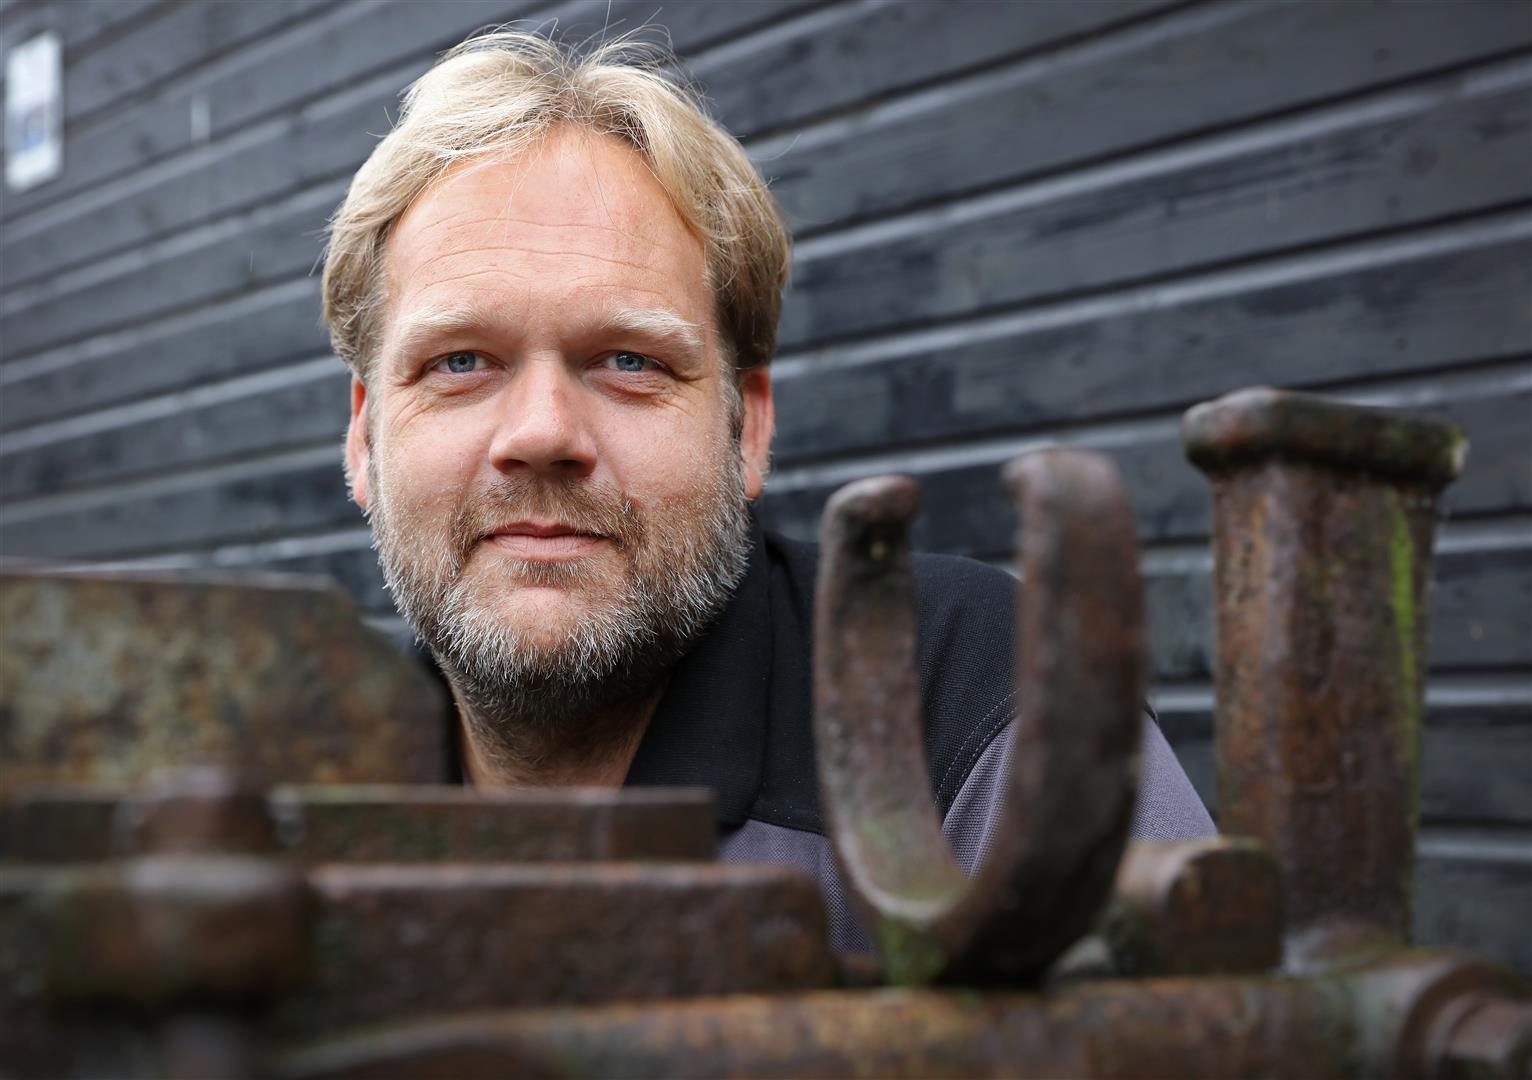 Johan Binnema